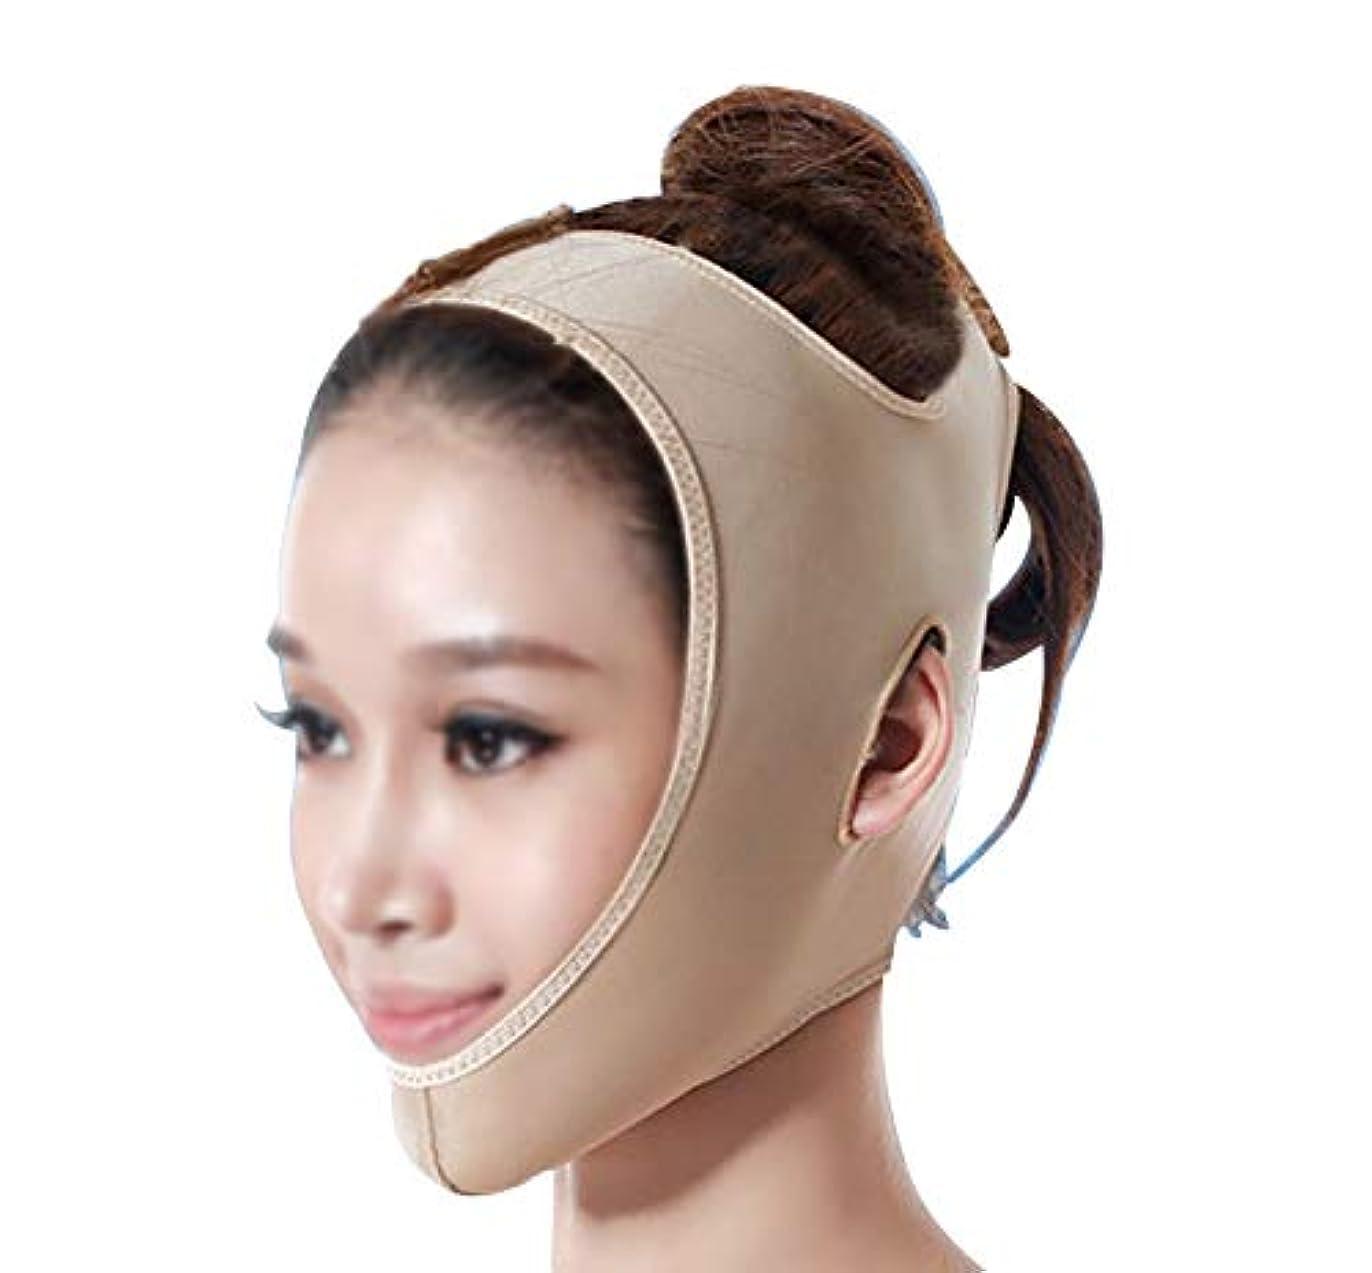 ストロークステージ商標GLJJQMY 顔と首リフト減量顔アーティファクトマスク垂れ下がり薄い筋肉咬筋ダブルあご顔面引き締め引き締め首カバー 顔用整形マスク (Size : S)